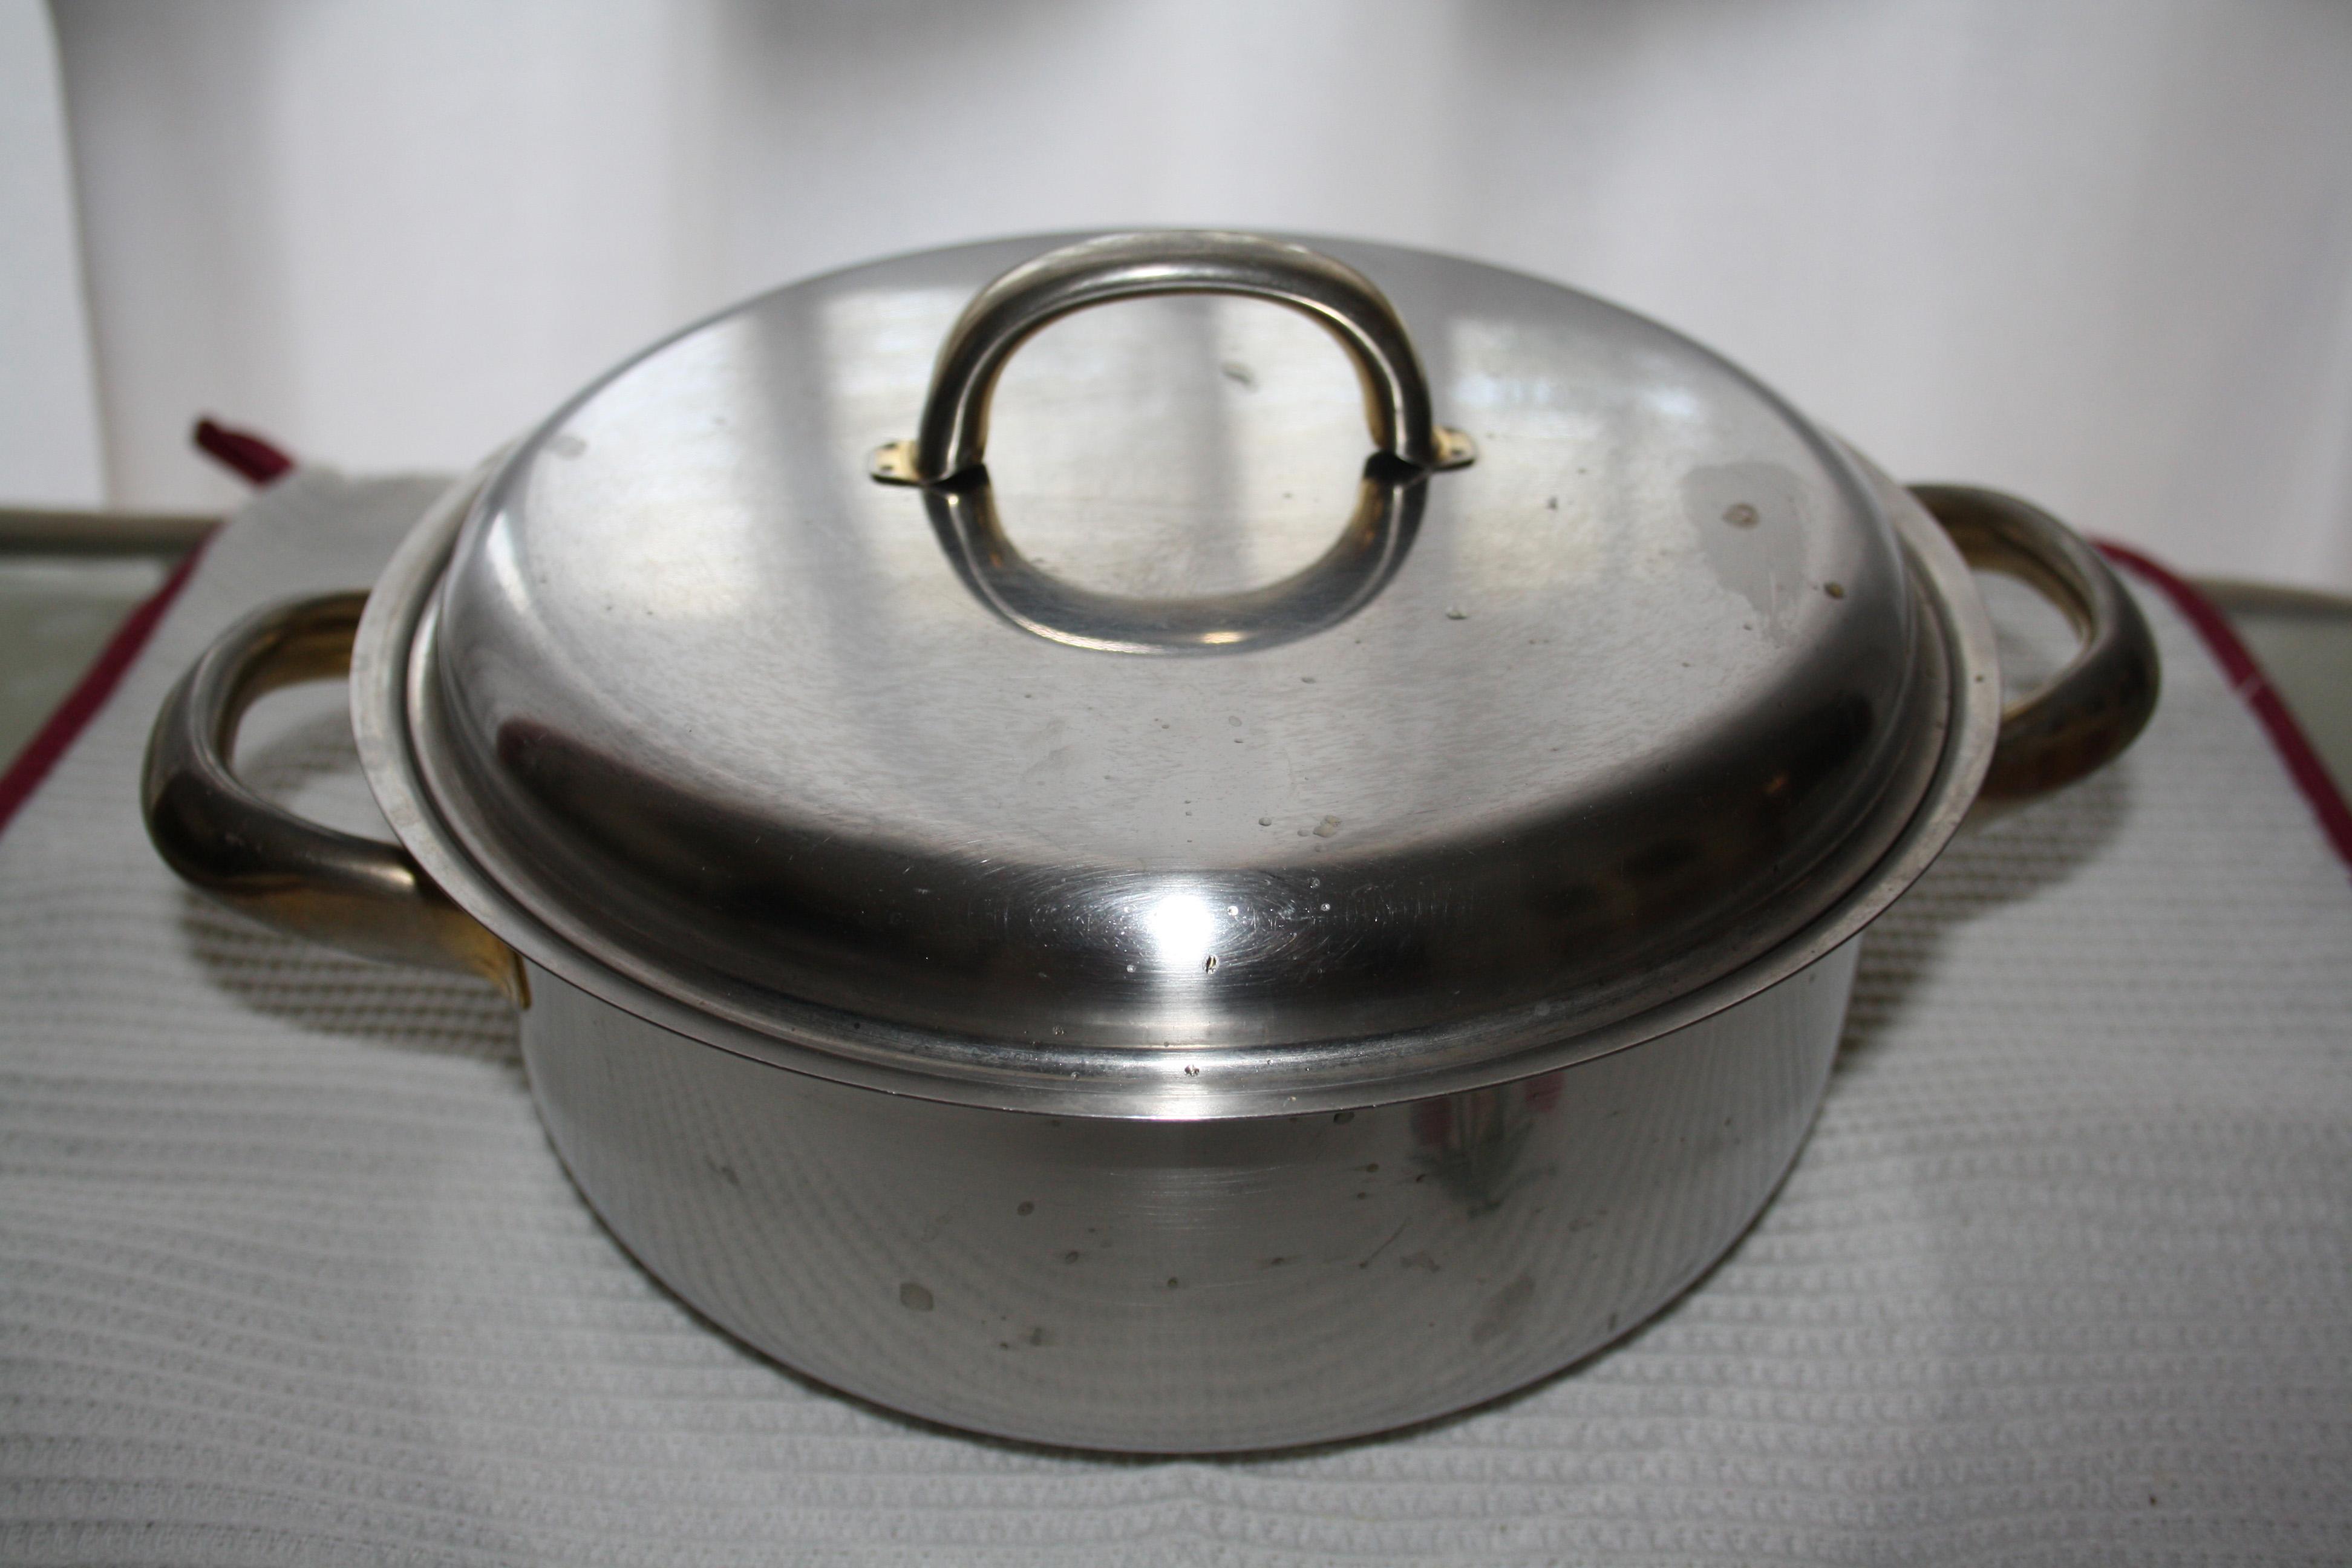 La cacerola mediana, la más activa de la cocina